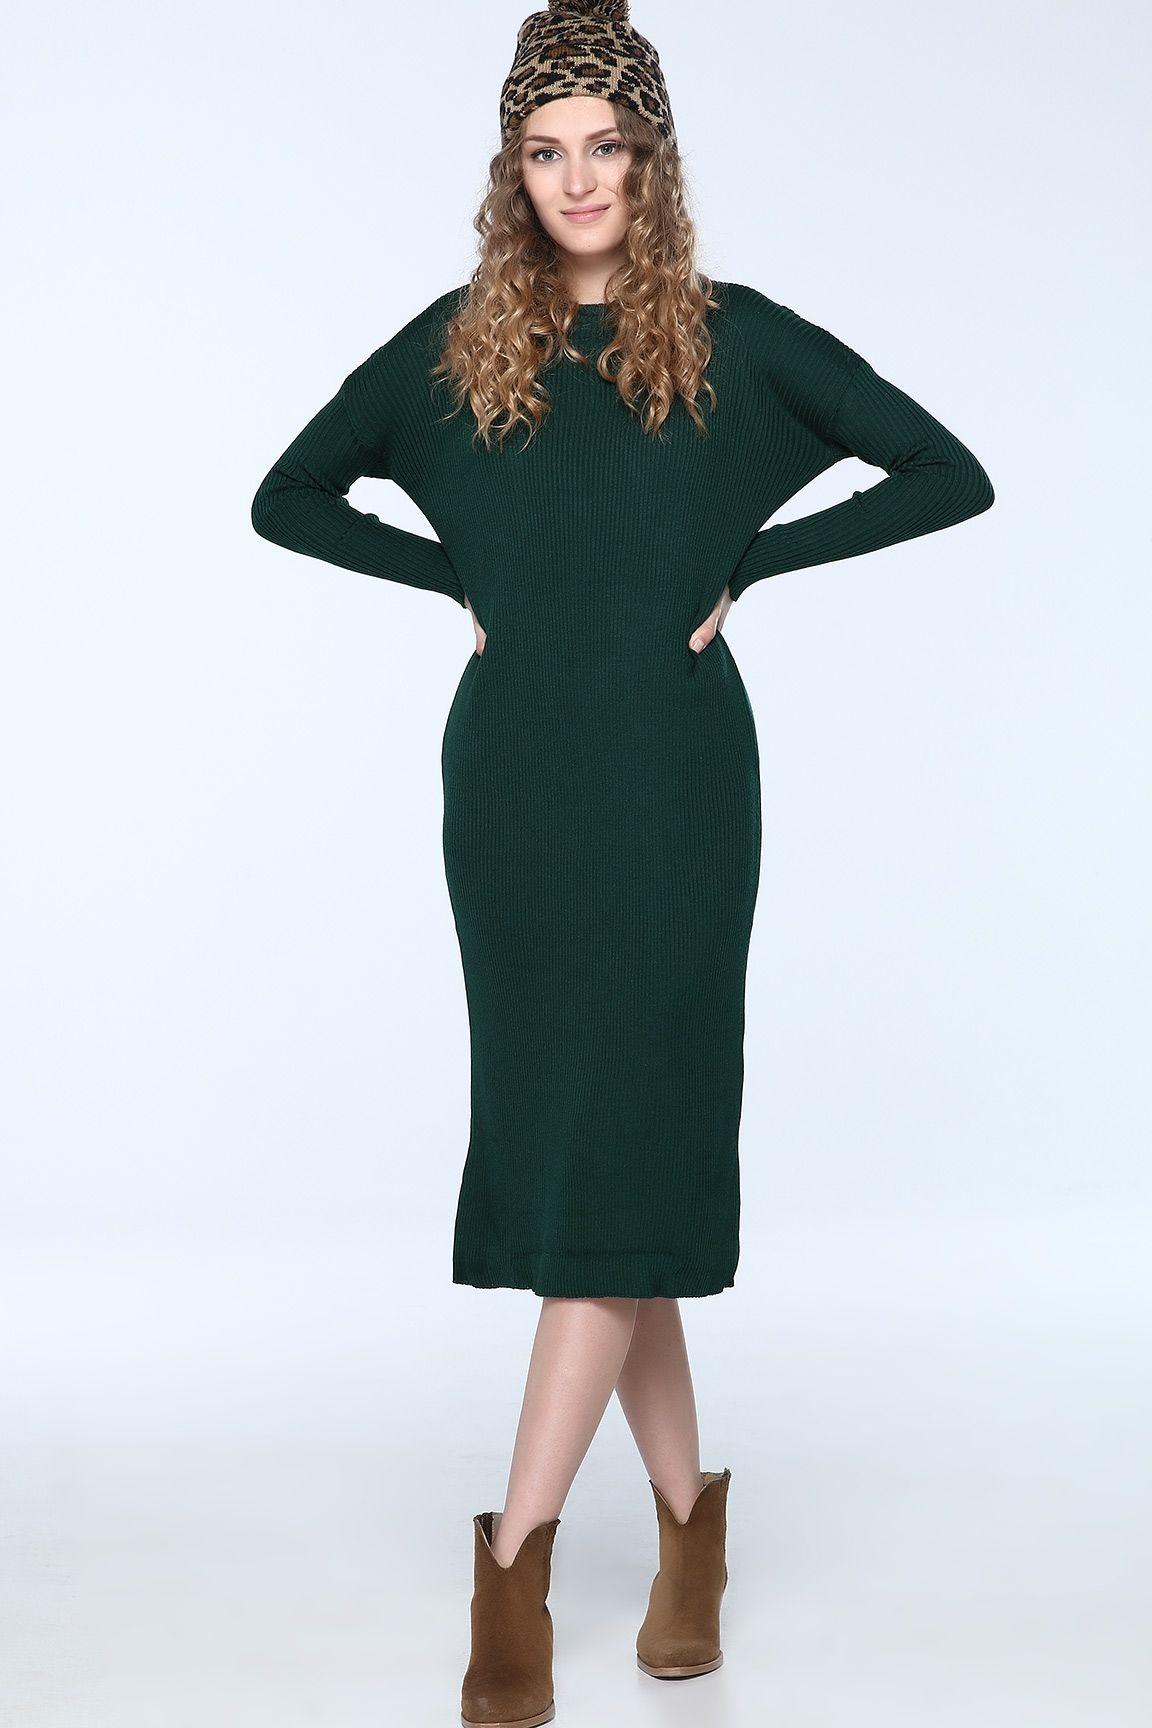 6489a0ef01ba0 Kadın (bayan) yeni giyim modellerinde en şık ve en tarz kıyafetler, kapıda  ödeme seçeneği ile tozlu.com da!